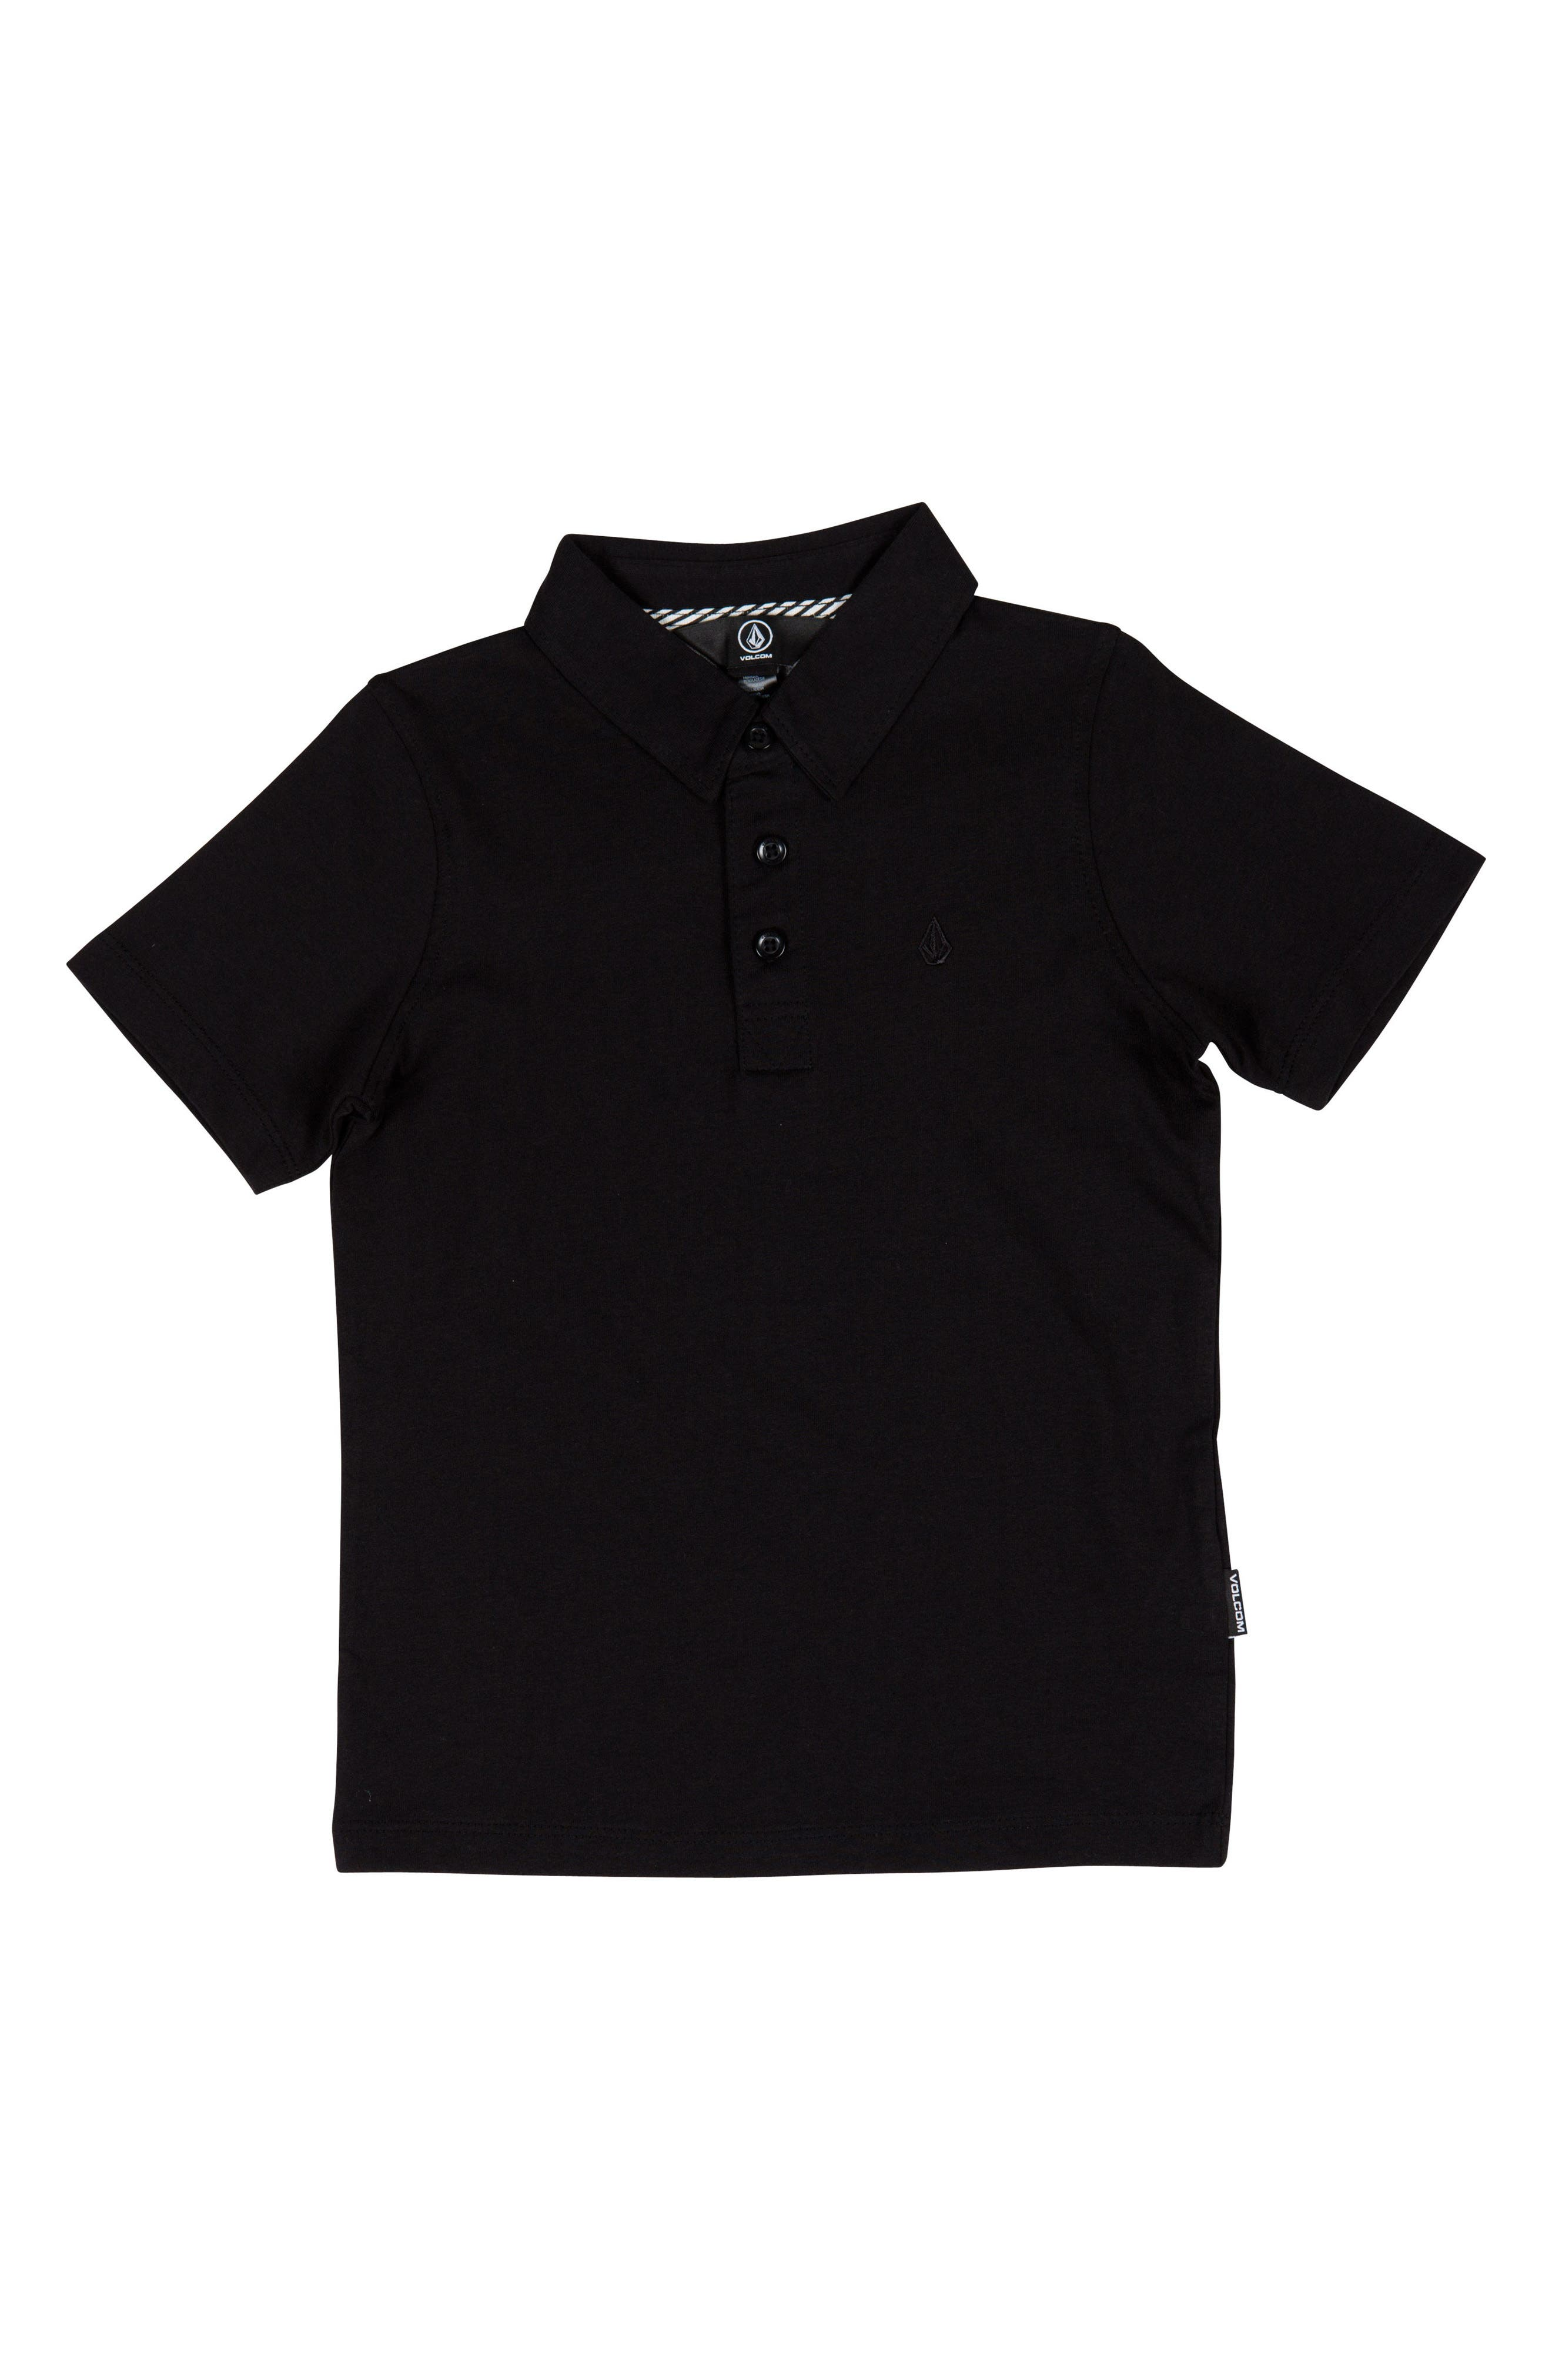 Boys Volcom Wowzer Polo Size 5  Black